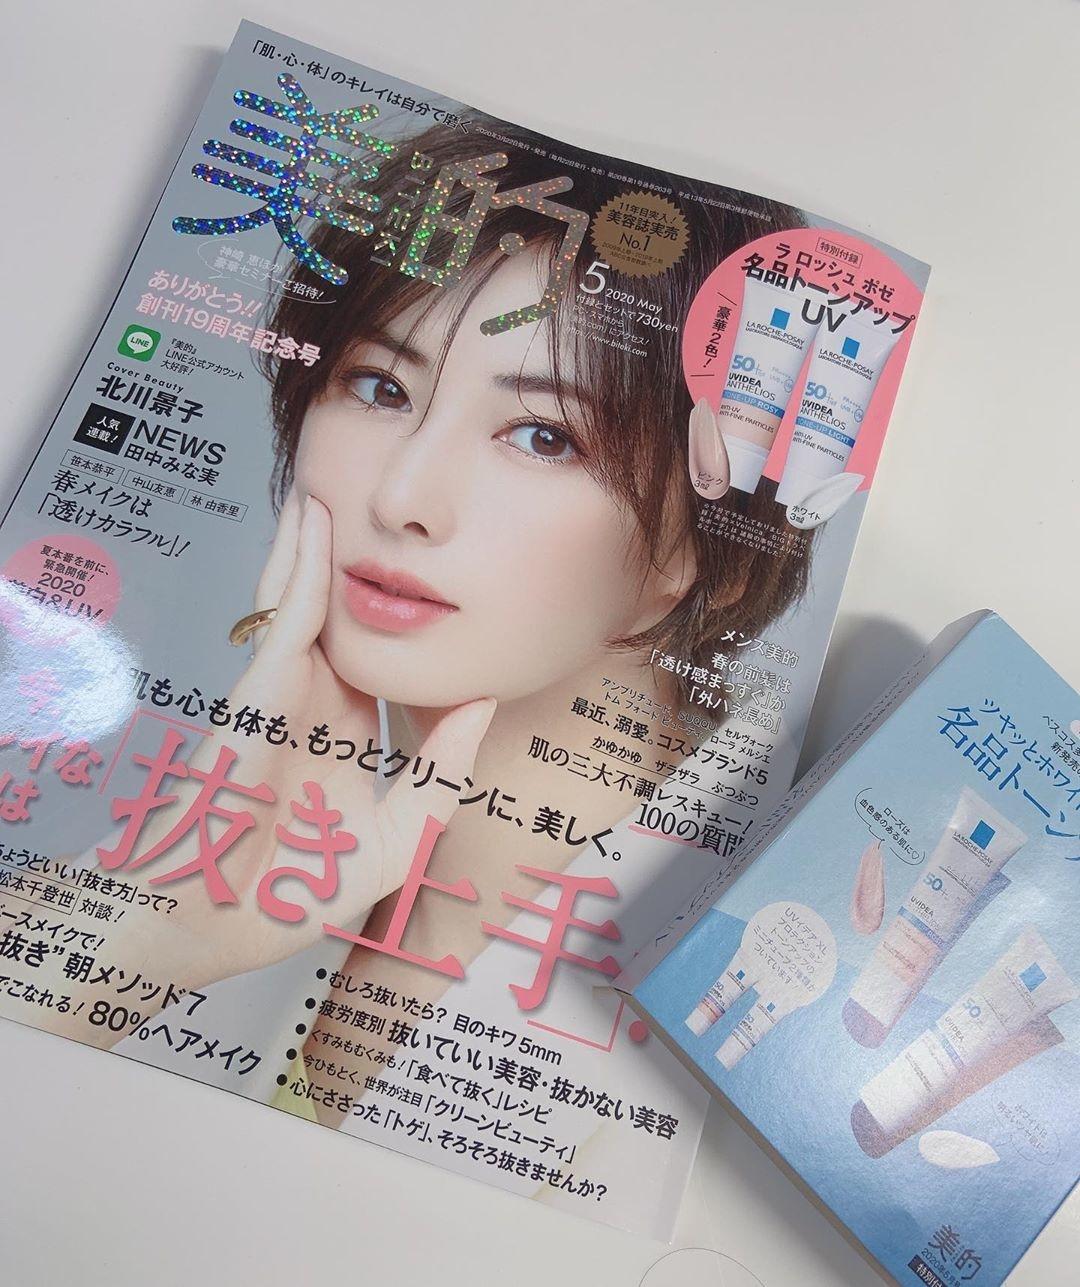 コスメ雑誌をよく読んで勉強する